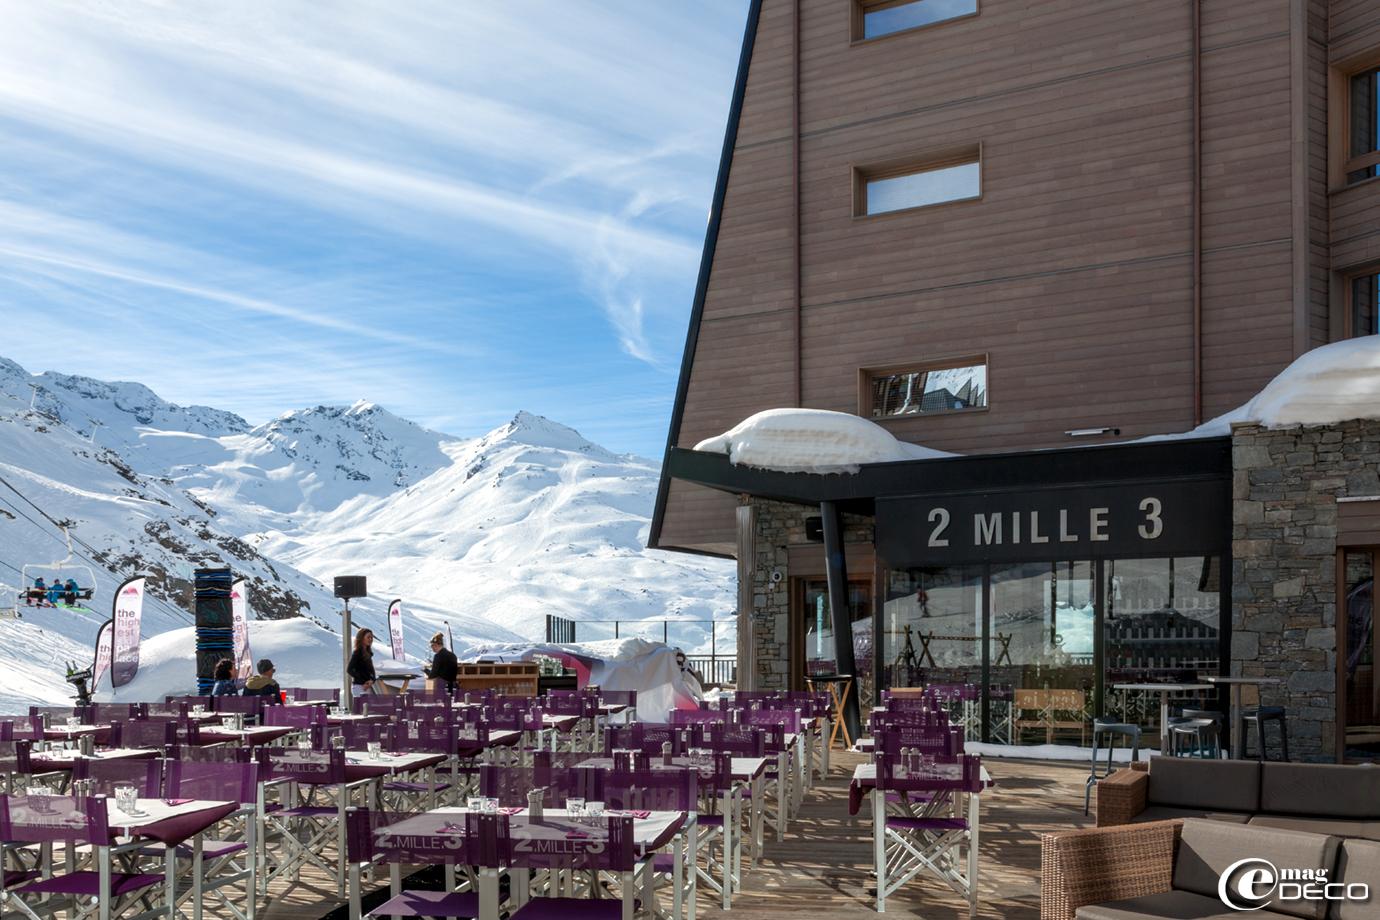 L'hôtel 'Altapura', avec l'un de ses restaurants, le '2 Mille 3' et sa terrasse plein sud, face aux Alpes majestueuses